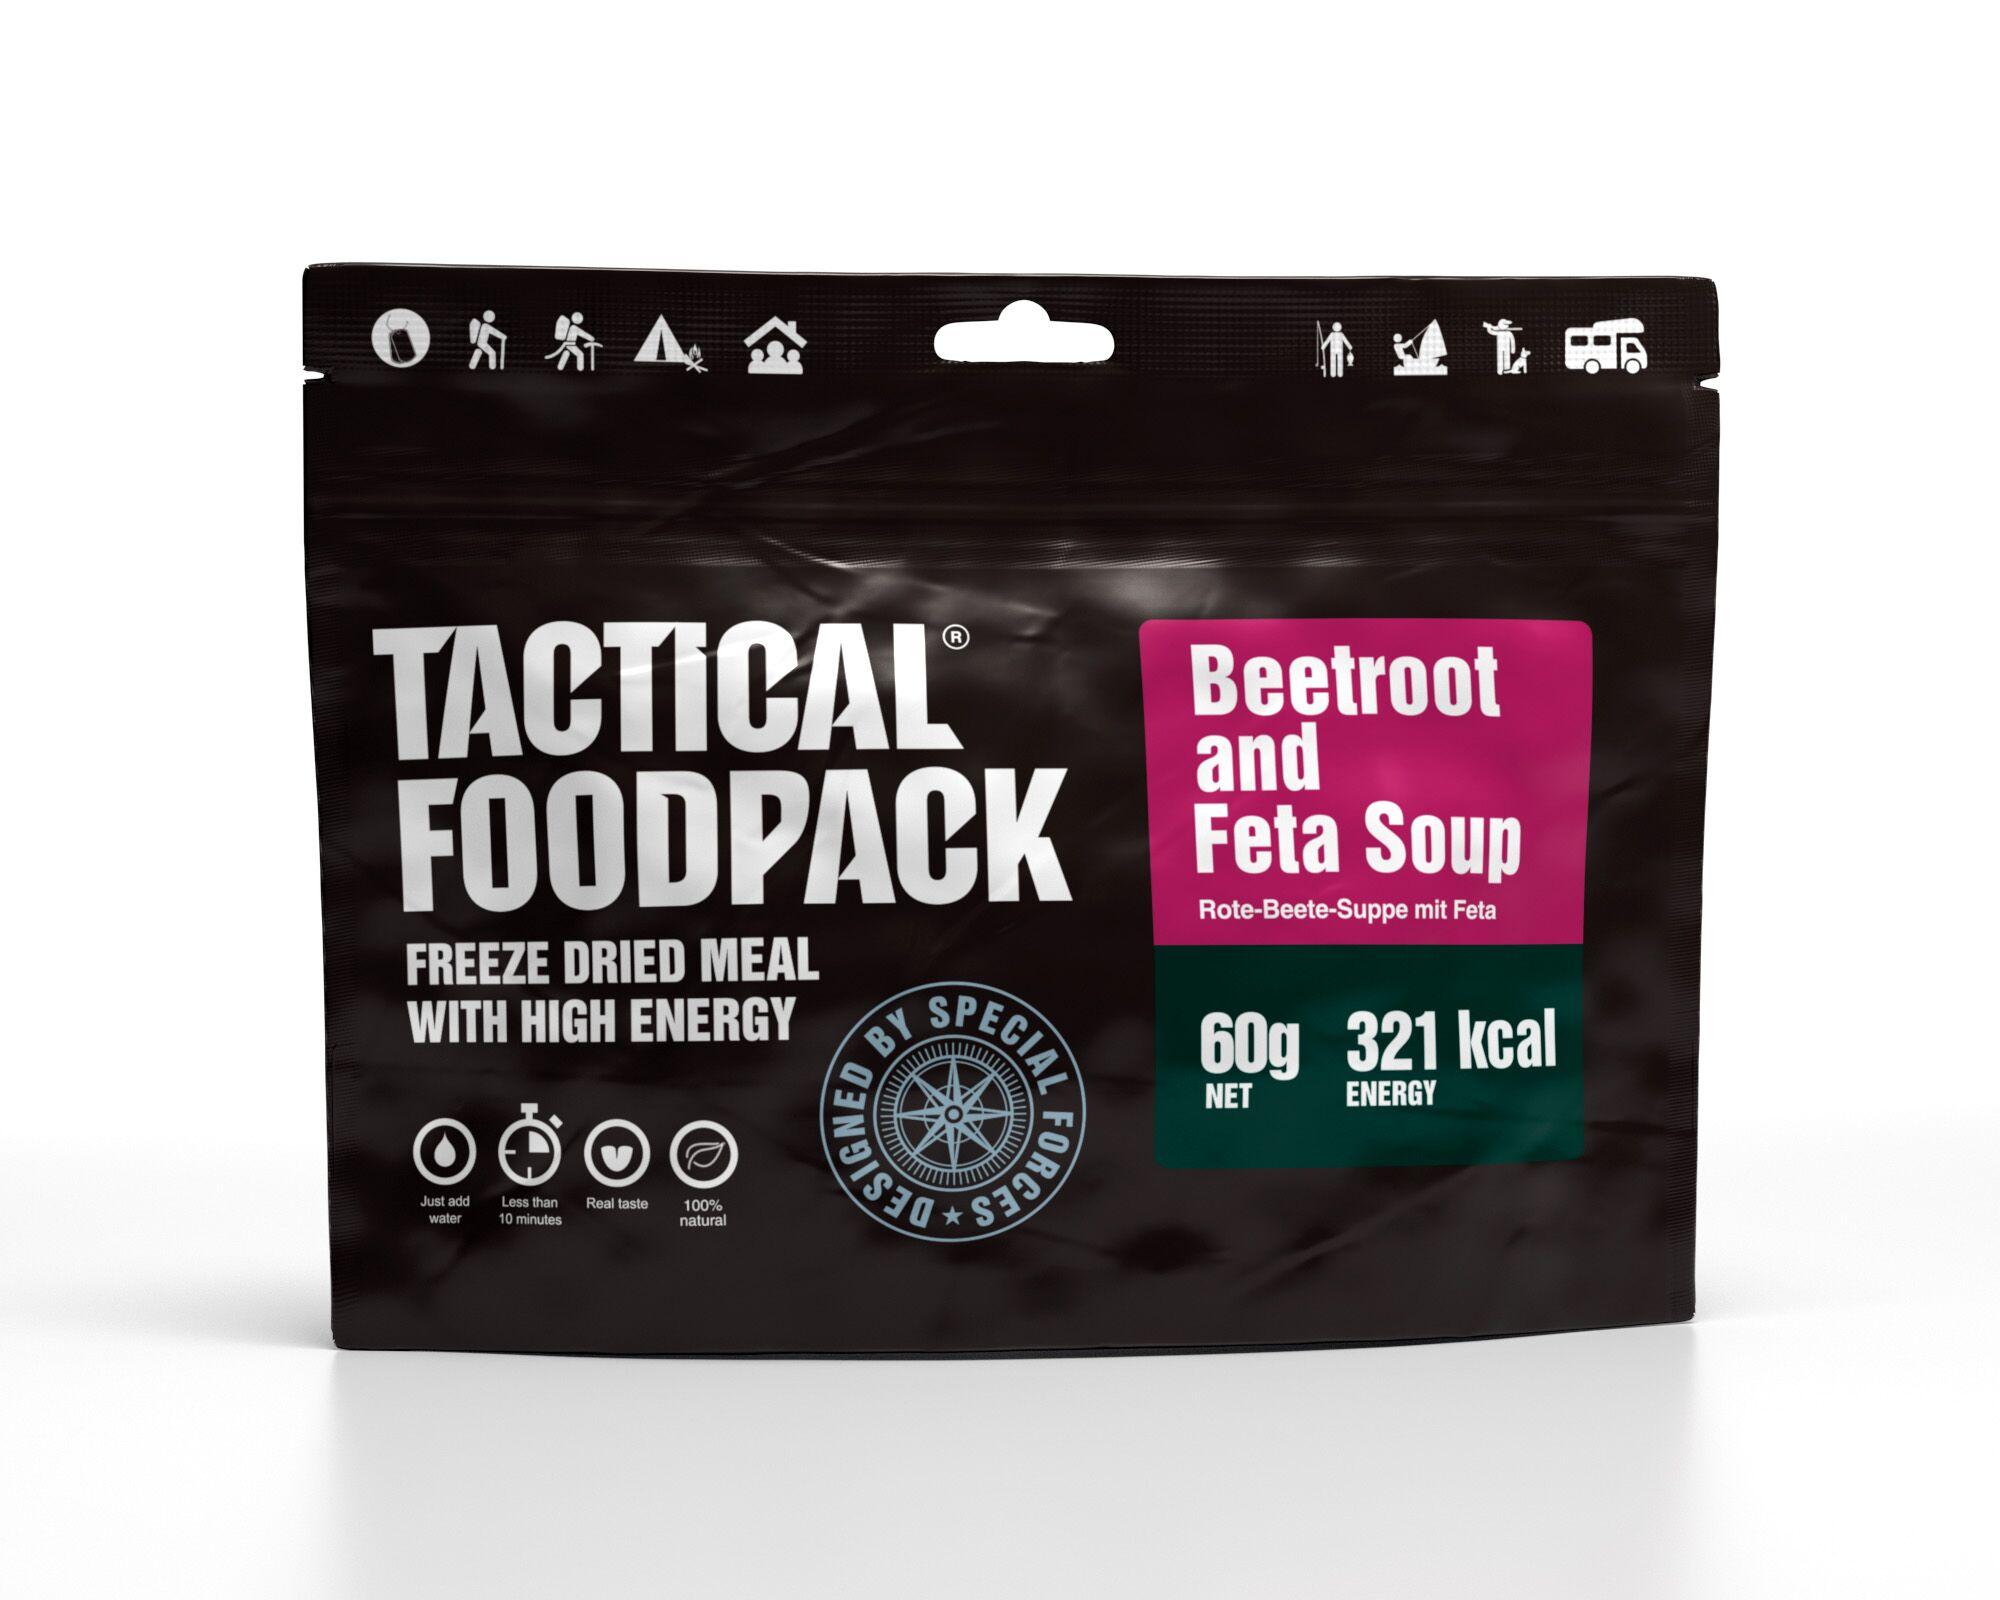 Dehidrirana hrana Tactical Foodpack - Beetroot and Feta Soup , B33 army shop at www.opremljen.si, trgovina z vojaško opremo, vojaška trgovina